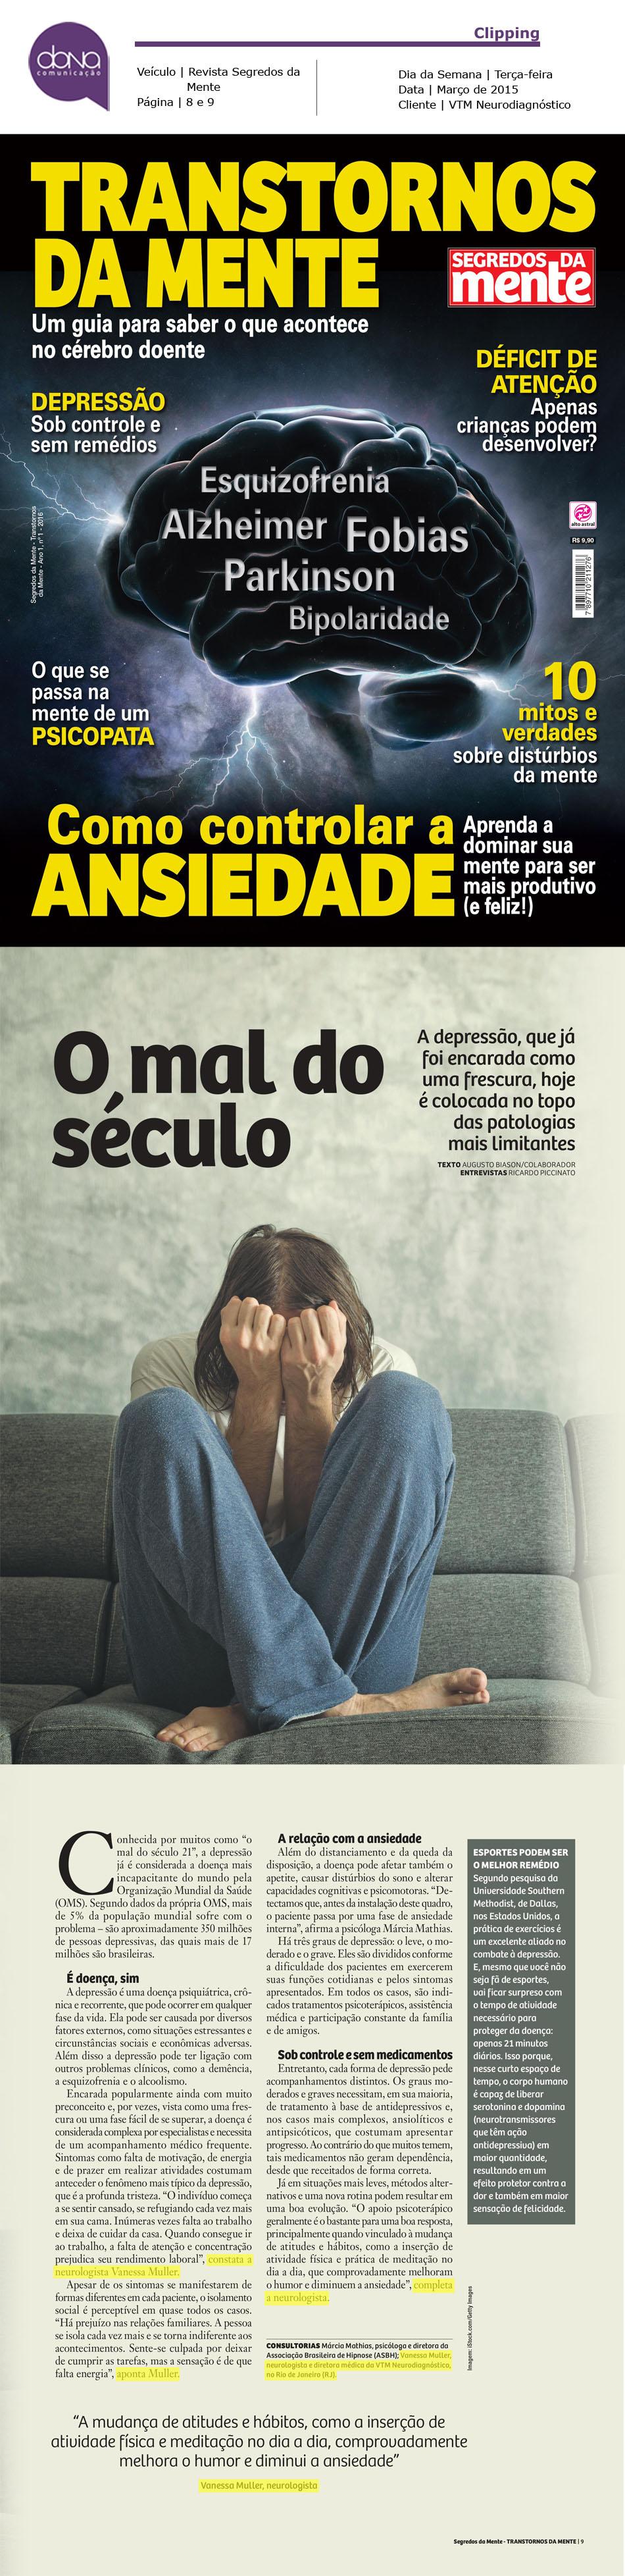 Dra. Vanessa Muller_Revista Segredos da Mente - Transtornos da Mente_03.2016-1